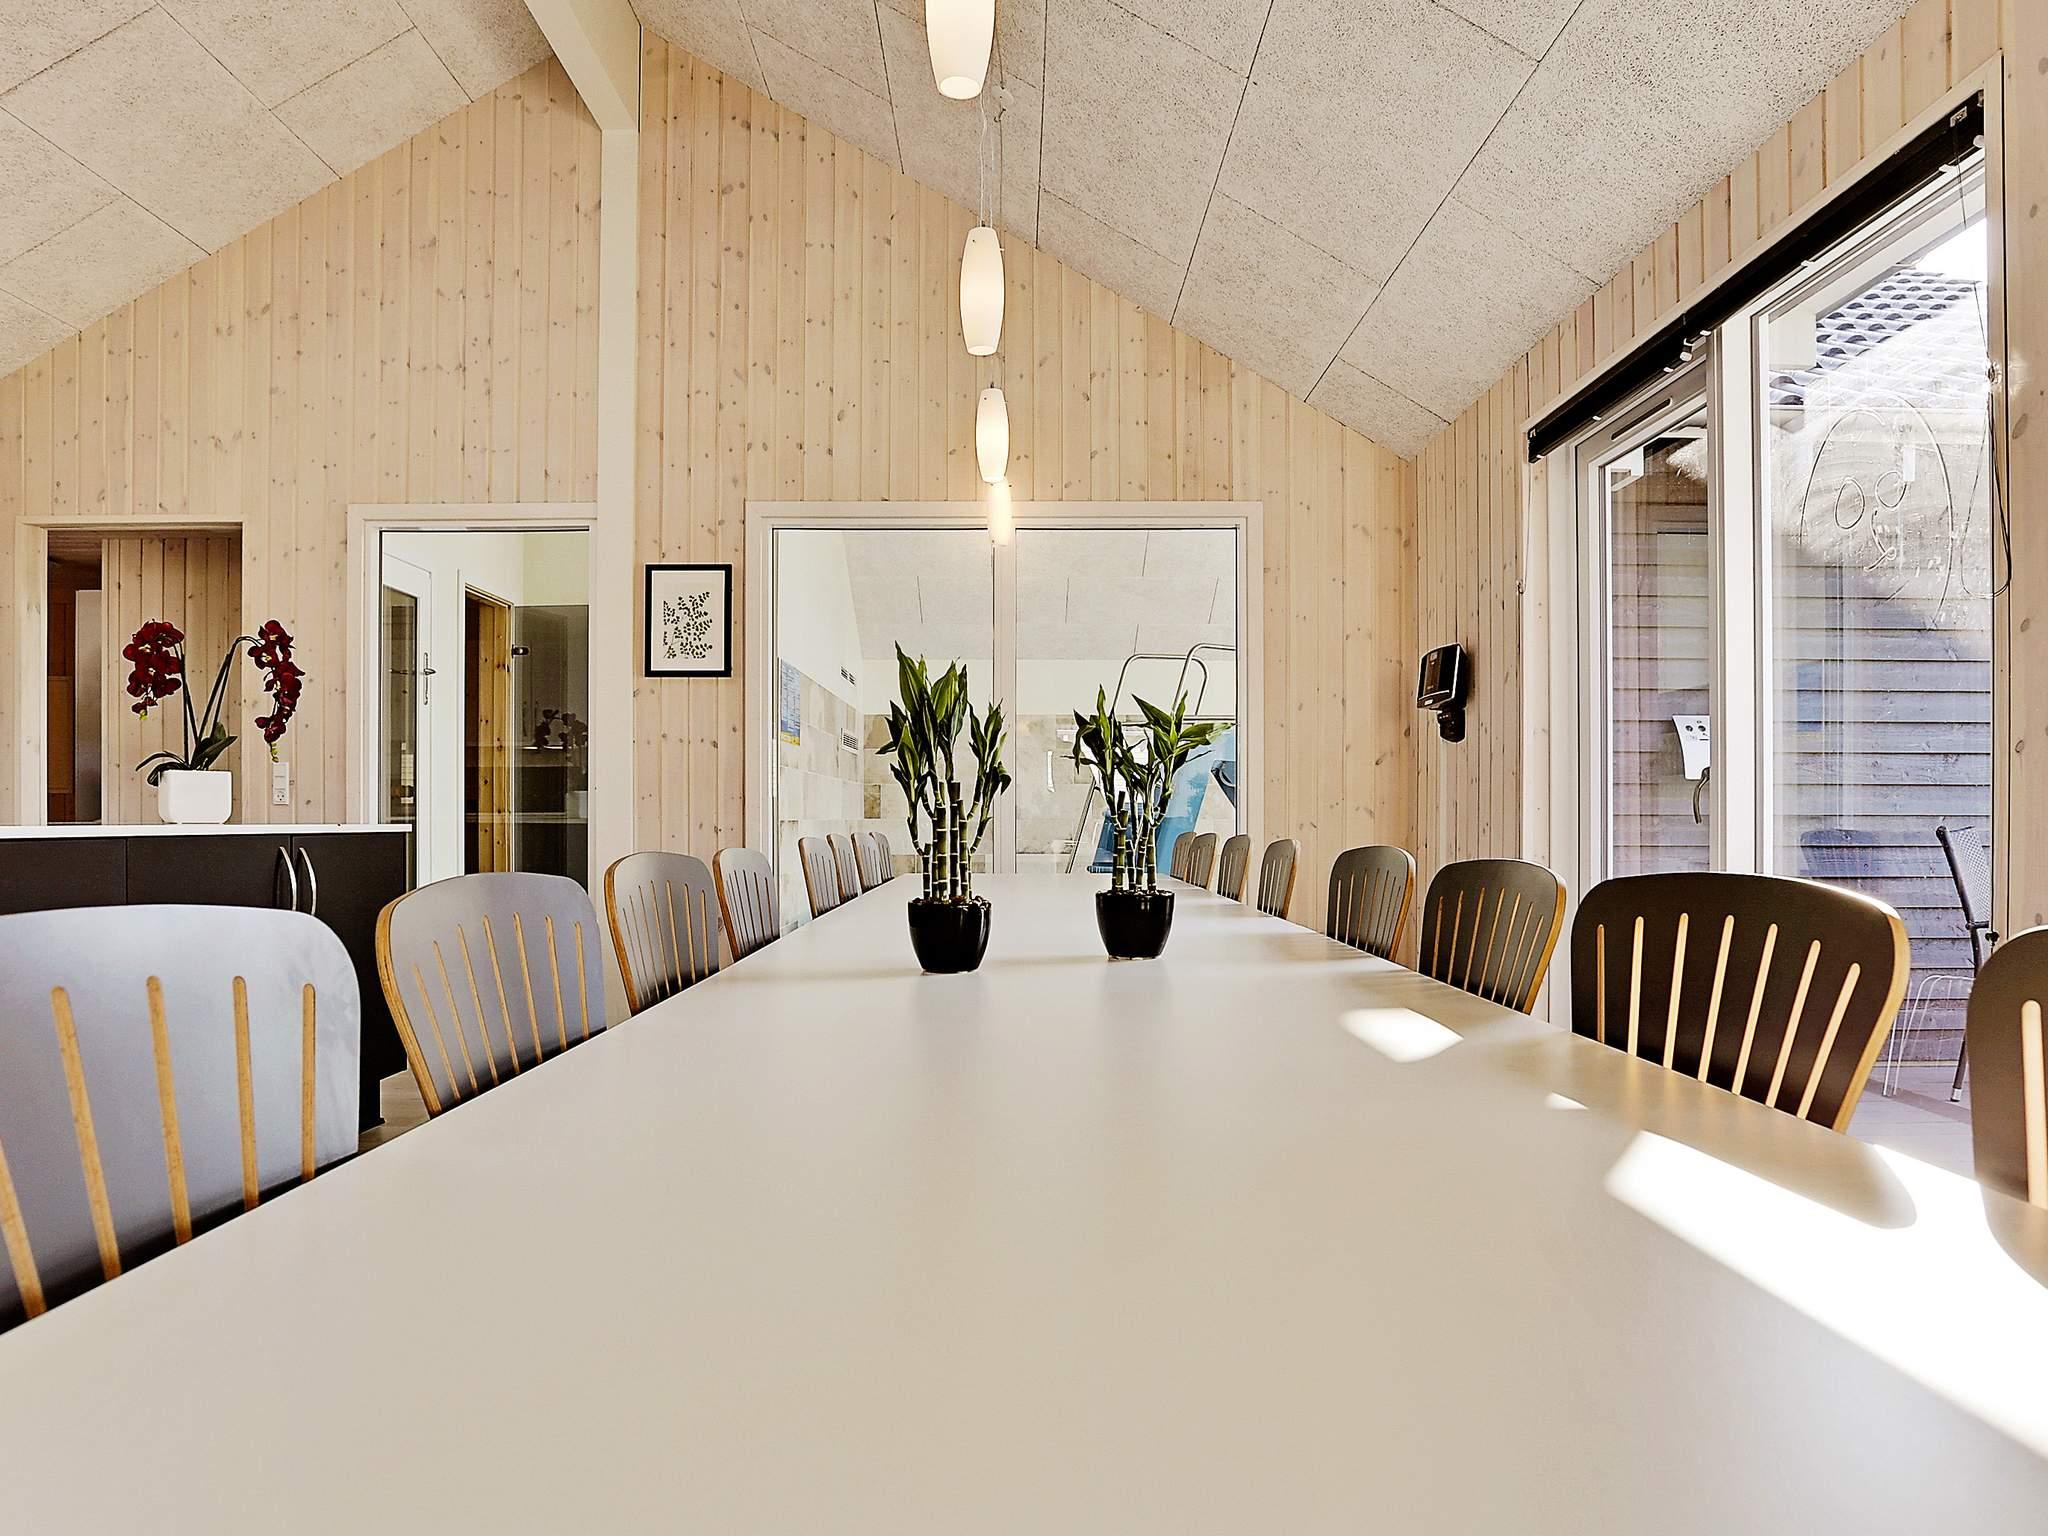 Ferienhaus Vejby (1761240), Vejby, , Nordseeland, Dänemark, Bild 5